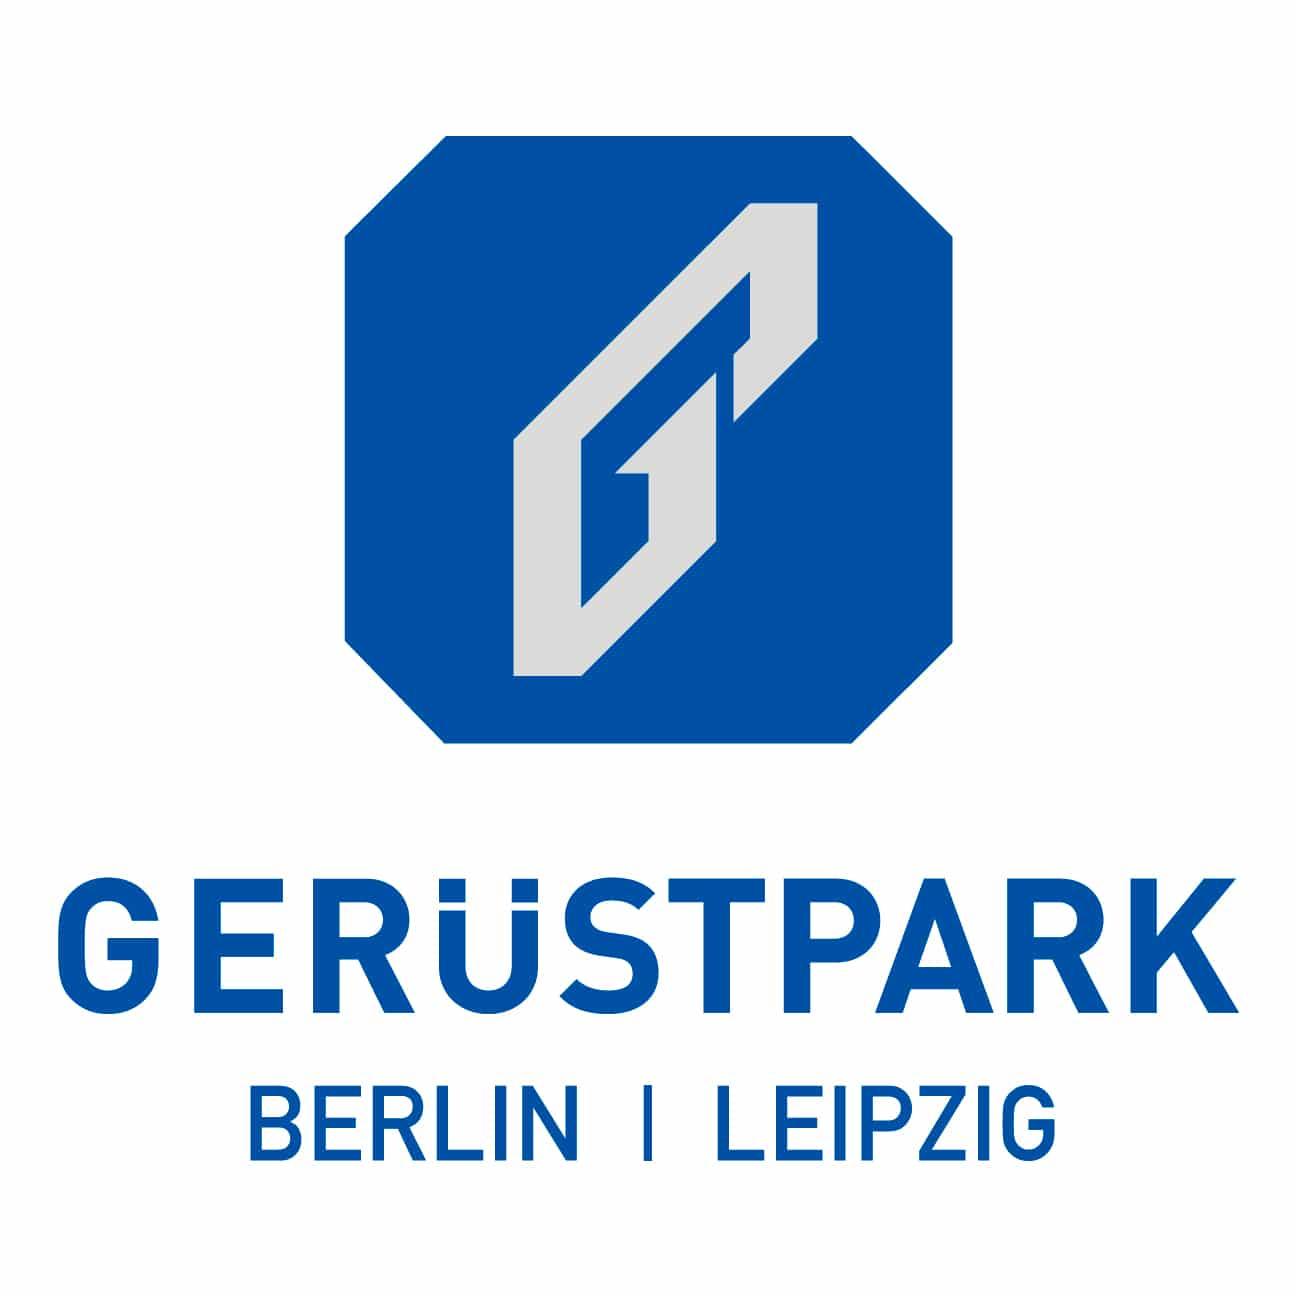 Gerüstpark